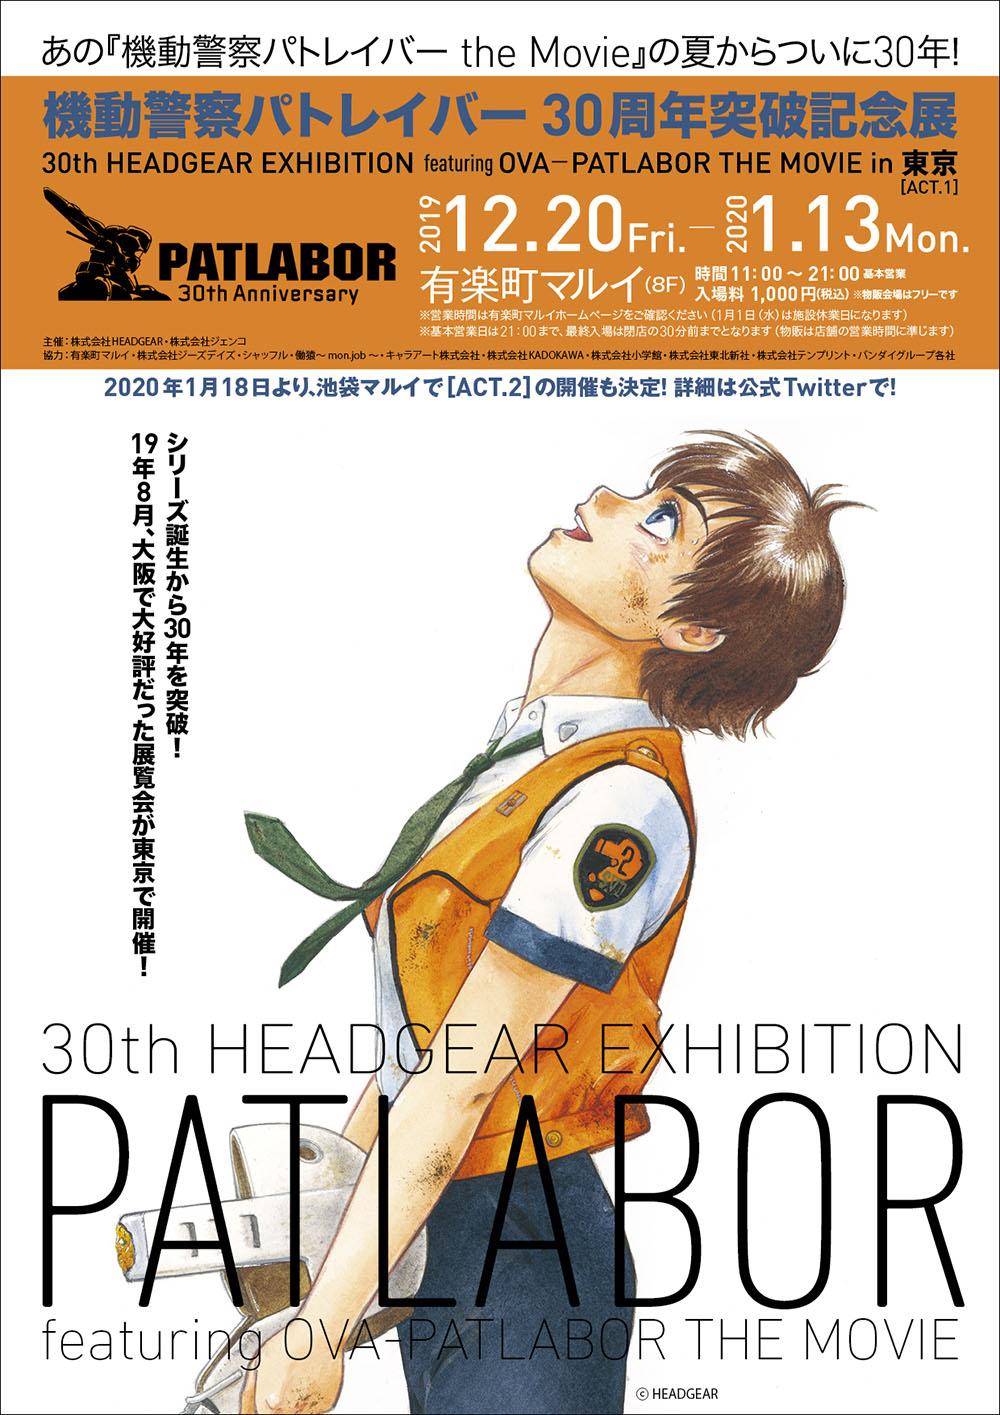 有楽町マルイの「機動警察パトレイバー」30周年突破記念展で貴重な原画が見られる